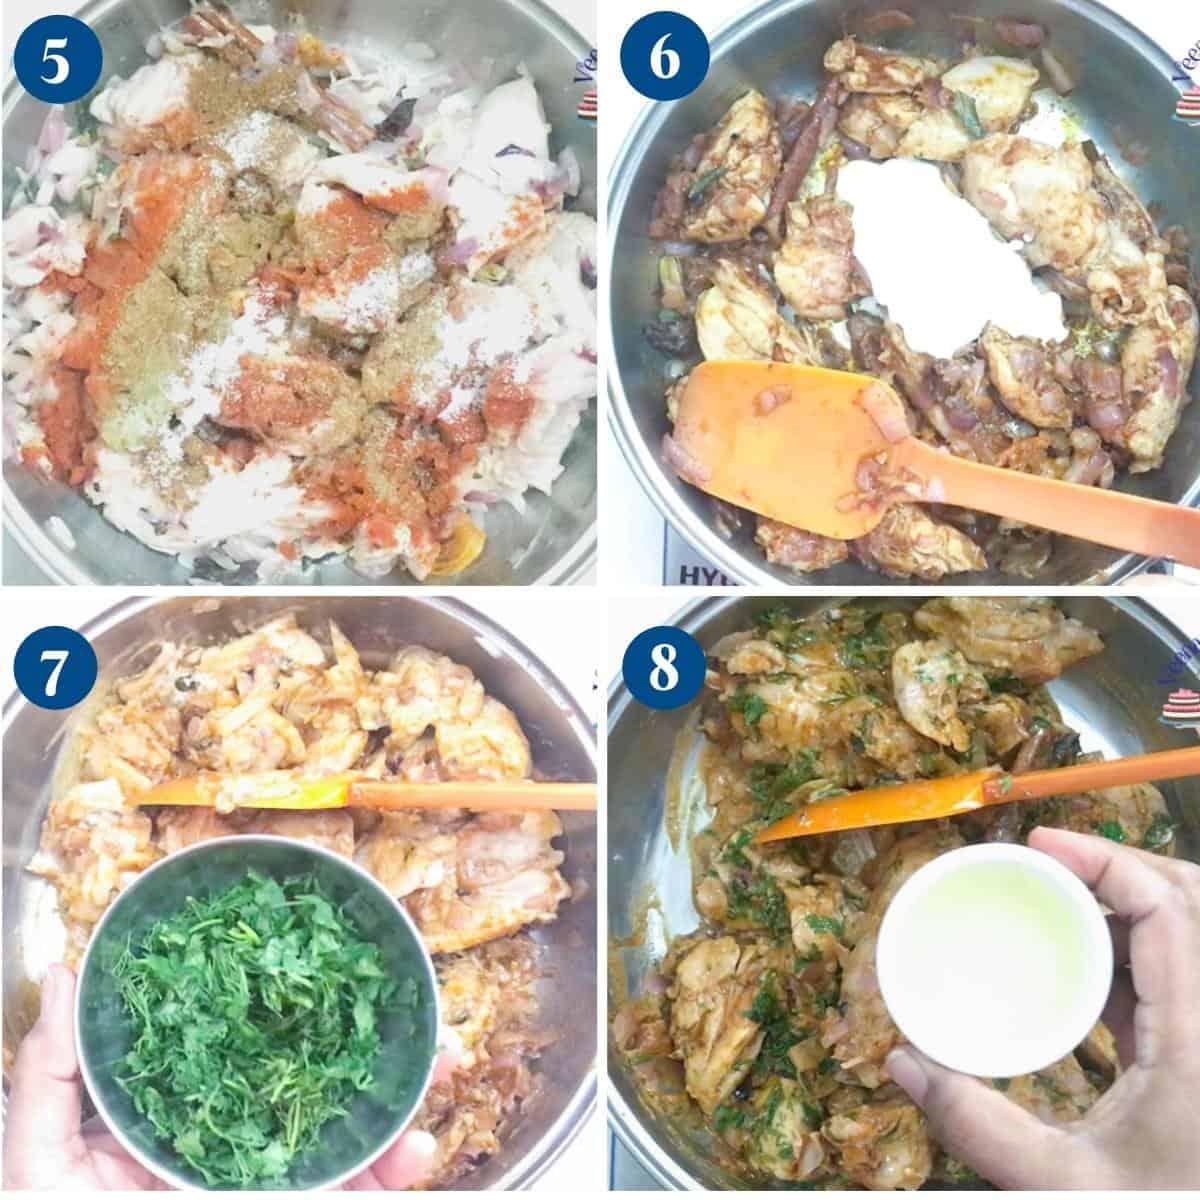 Progress pictures cooking chicken for biryani.